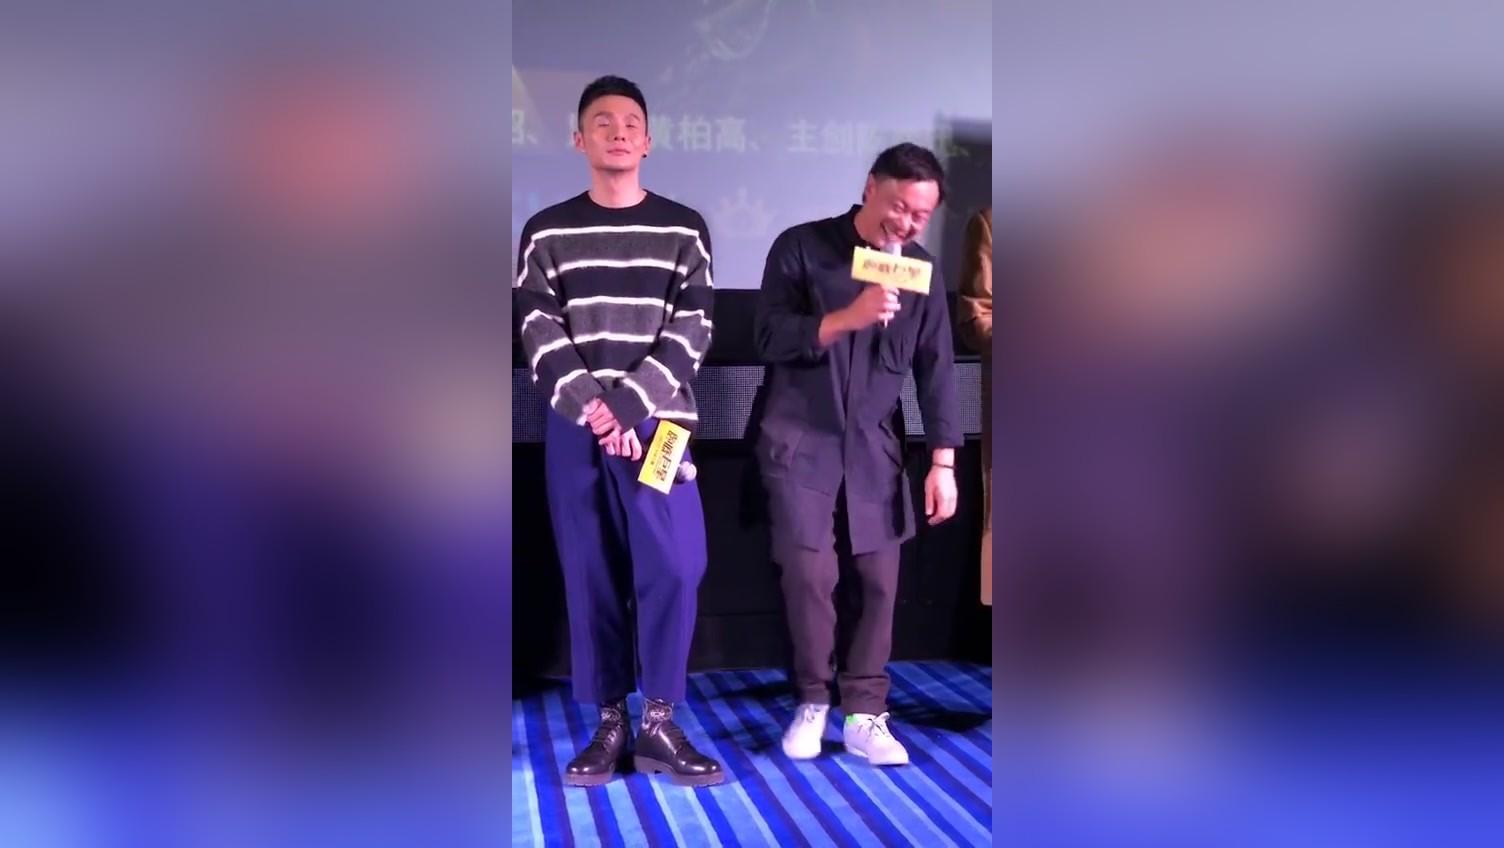 距离一米,贡献了我最强尖叫 「微笑」 卧底巨星 陈奕迅